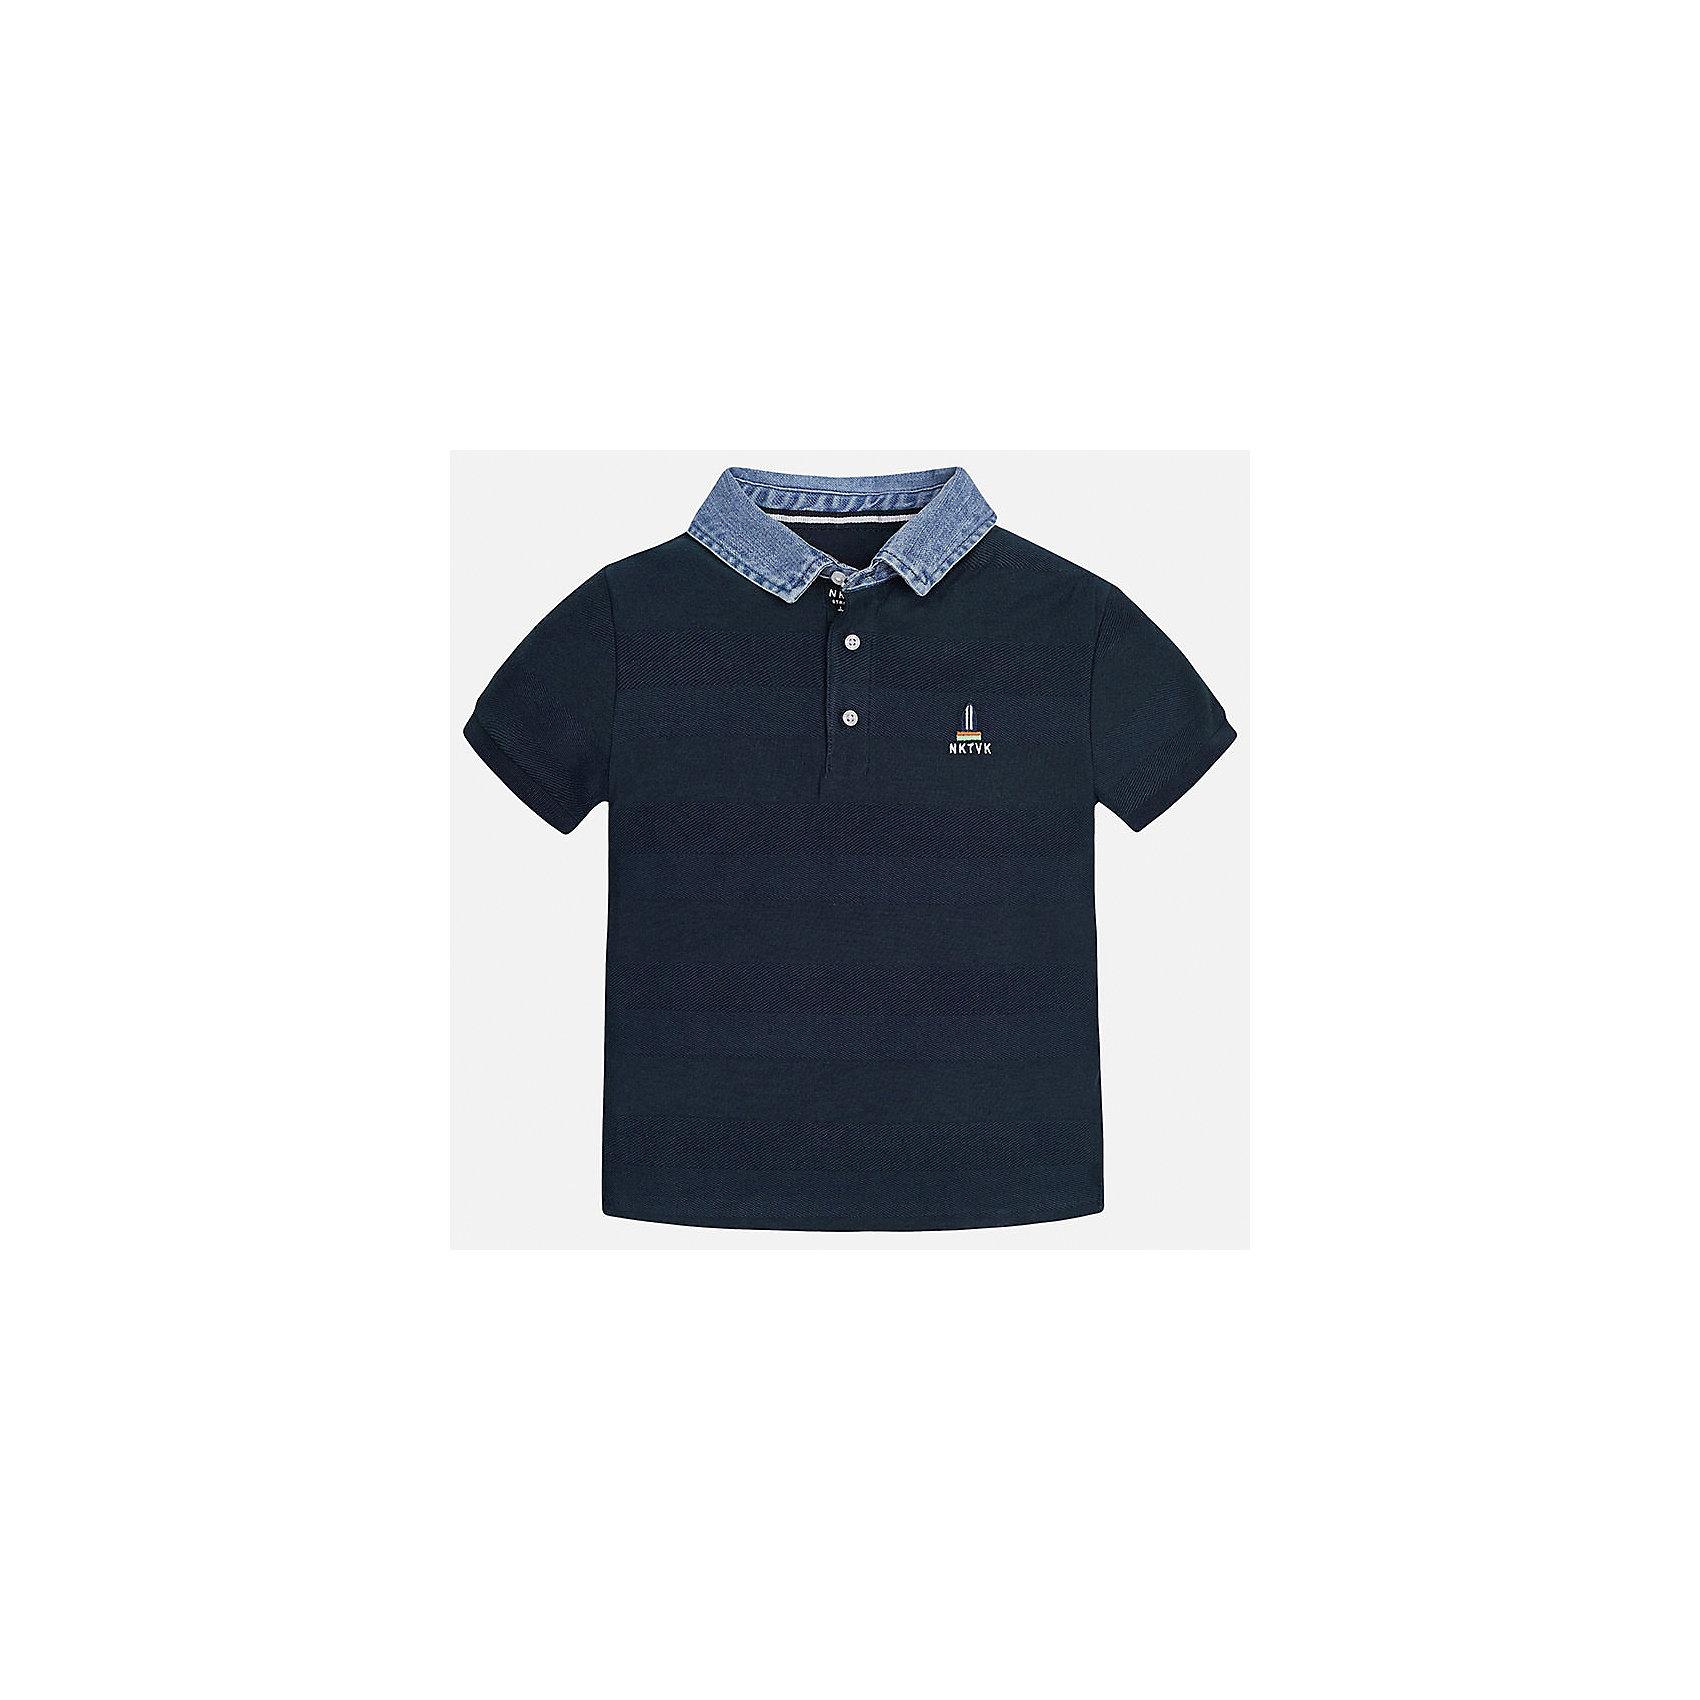 Футболка-поло для мальчика MayoralФутболки, поло и топы<br>Характеристики товара:<br><br>• цвет: синий<br>• состав: 100% хлопок<br>• отложной воротник<br>• декорирована вышивкой<br>• короткие рукава<br>• застежки: пуговицы<br>• страна бренда: Испания<br><br>Удобная стильная рубашка-поло поможет разнообразить гардероб мальчика. Она отлично сочетается с брюками, шортами, джинсами. Универсальный крой и цвет позволяет подобрать к вещи низ разных расцветок. Практичное и стильное изделие! Хорошо смотрится и комфортно сидит на детях. В составе материала - только натуральный хлопок, гипоаллергенный, приятный на ощупь, дышащий. <br><br>Одежда, обувь и аксессуары от испанского бренда Mayoral полюбились детям и взрослым по всему миру. Модели этой марки - стильные и удобные. Для их производства используются только безопасные, качественные материалы и фурнитура. Порадуйте ребенка модными и красивыми вещами от Mayoral! <br><br>Рубашку-поло для мальчика от испанского бренда Mayoral (Майорал) можно купить в нашем интернет-магазине.<br><br>Ширина мм: 199<br>Глубина мм: 10<br>Высота мм: 161<br>Вес г: 151<br>Цвет: синий<br>Возраст от месяцев: 156<br>Возраст до месяцев: 168<br>Пол: Мужской<br>Возраст: Детский<br>Размер: 170,158,140,152,164,128/134<br>SKU: 5281503